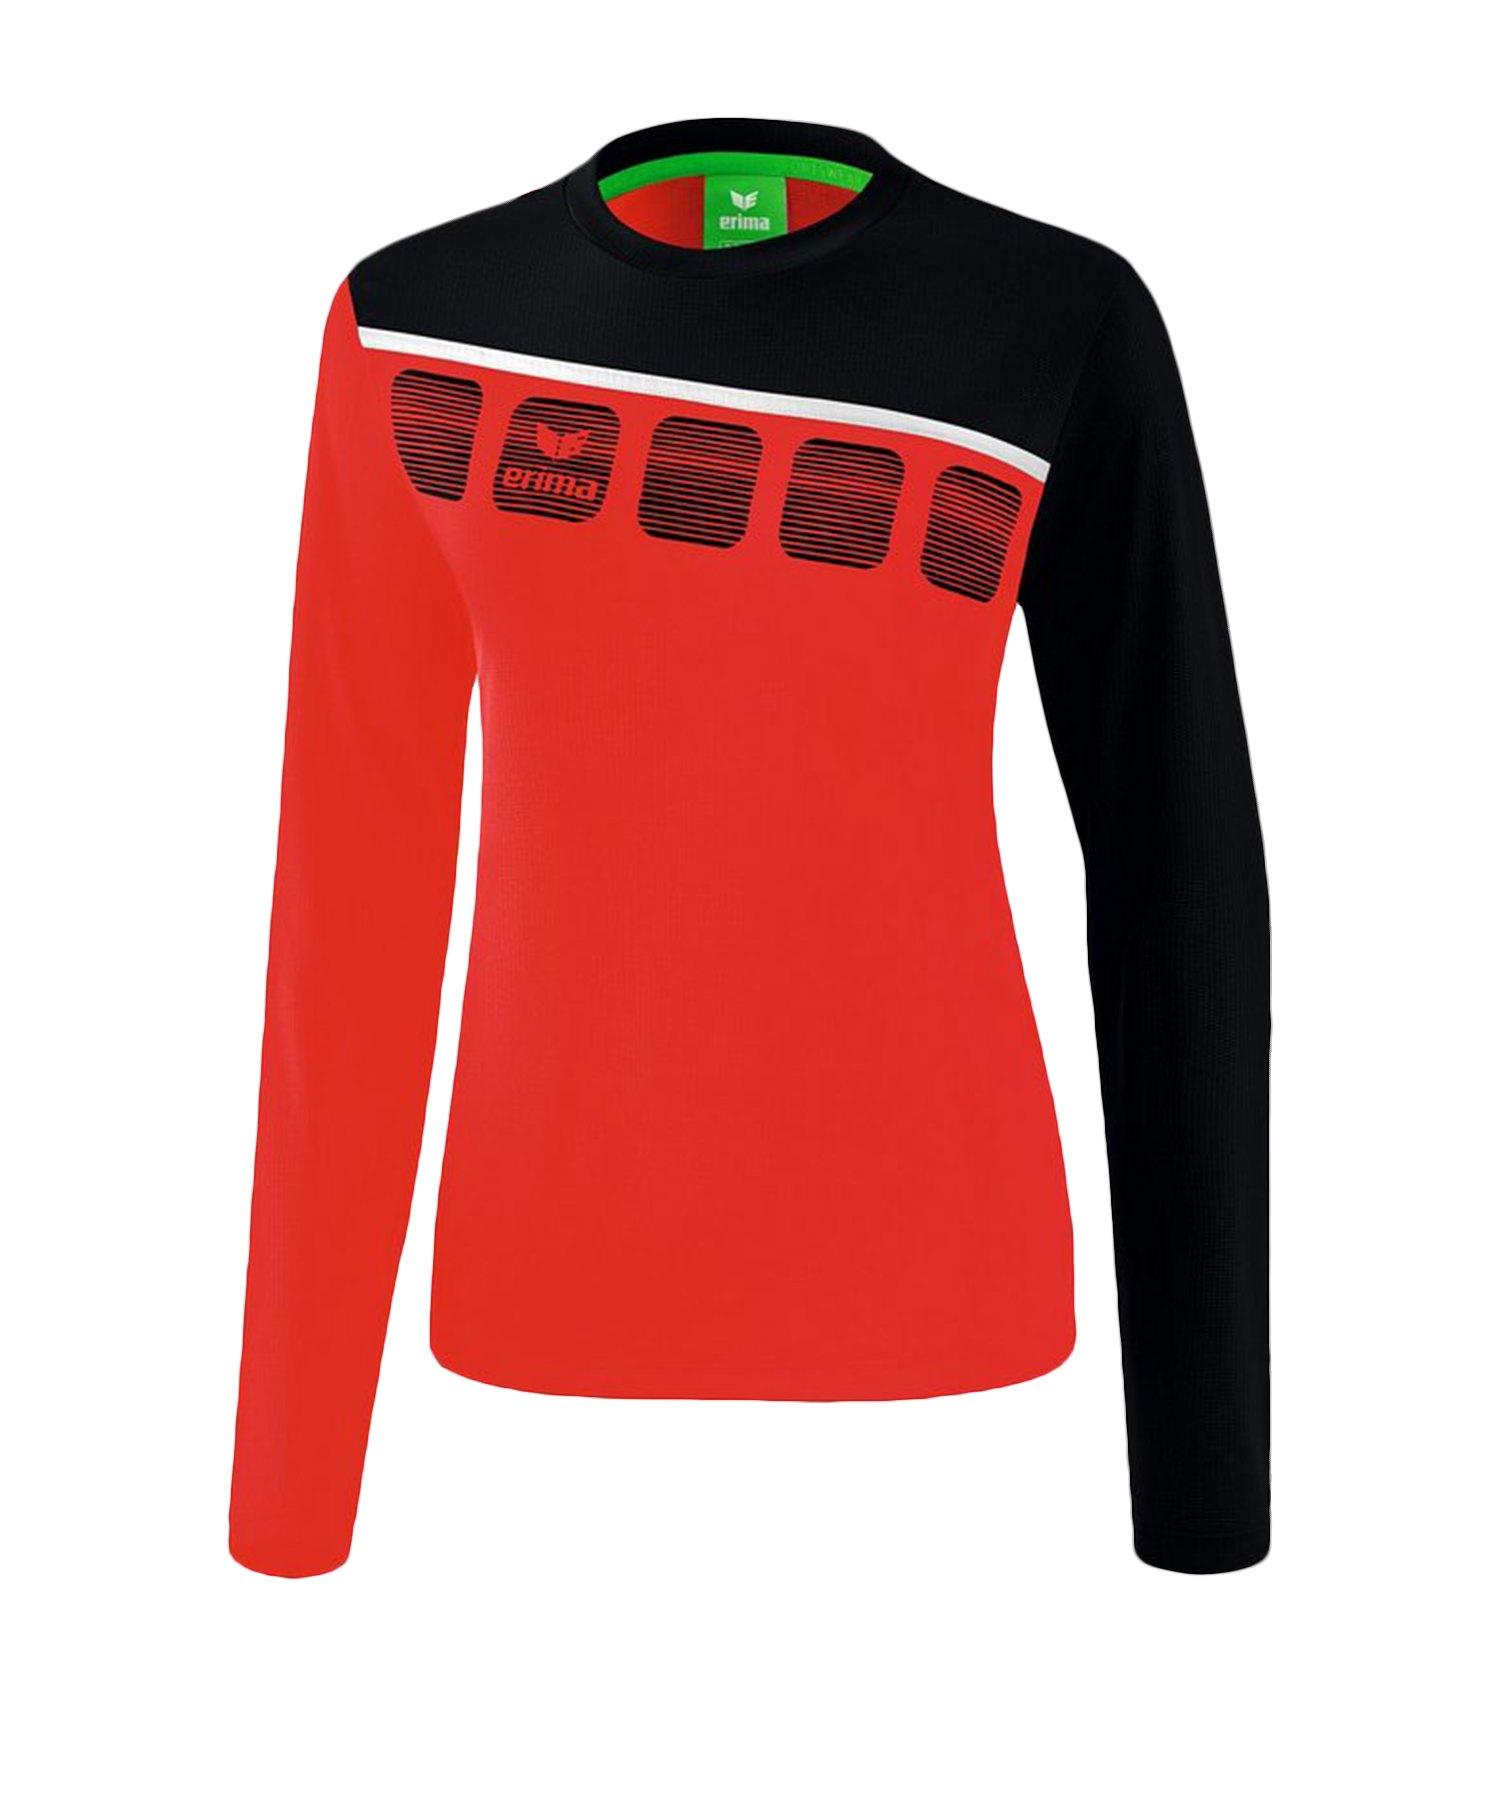 Erima 5-C Longsleeve Damen Rot Schwarz - Rot